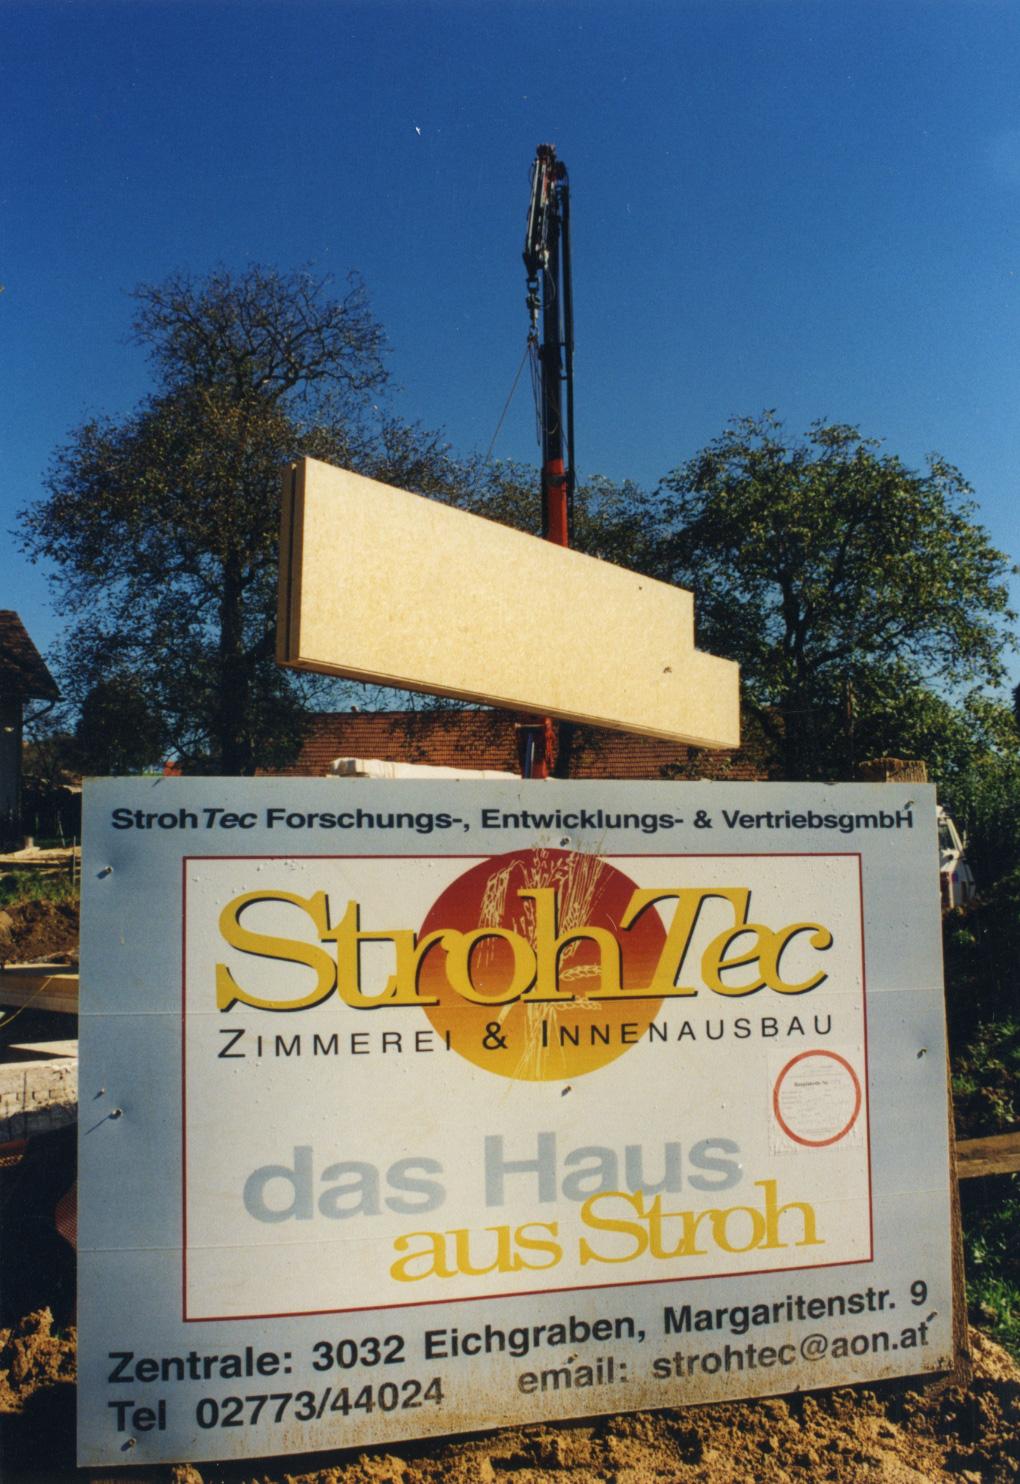 StrohTec wird gegründet. Herbert Gruber ist einer der 9 Gesellschafter.